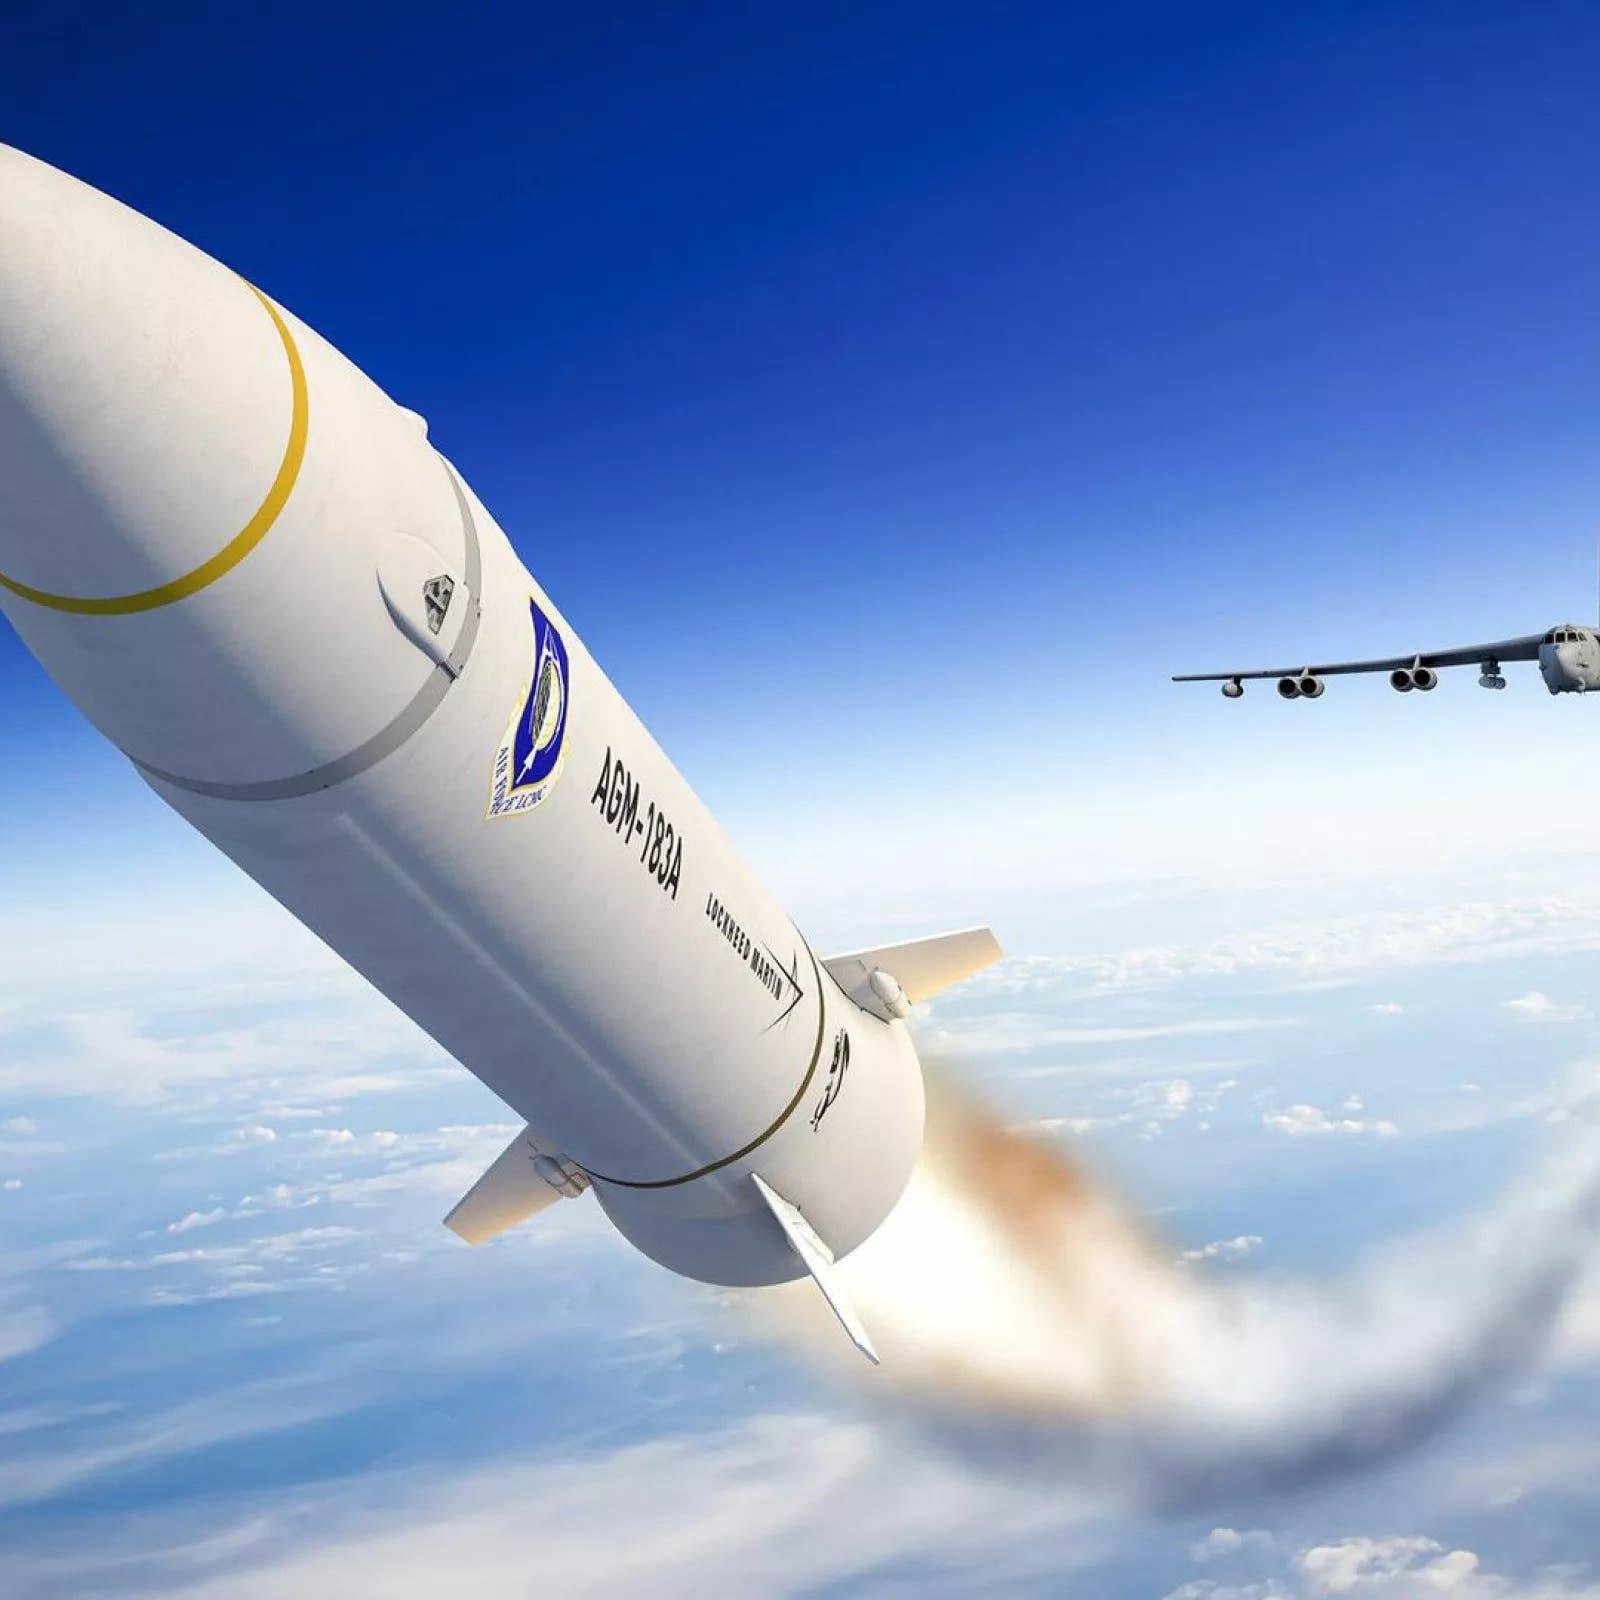 حلم صاروخ سلاح الجو الأميركي فائق السرعة مازال ممكنًا في 2022؟